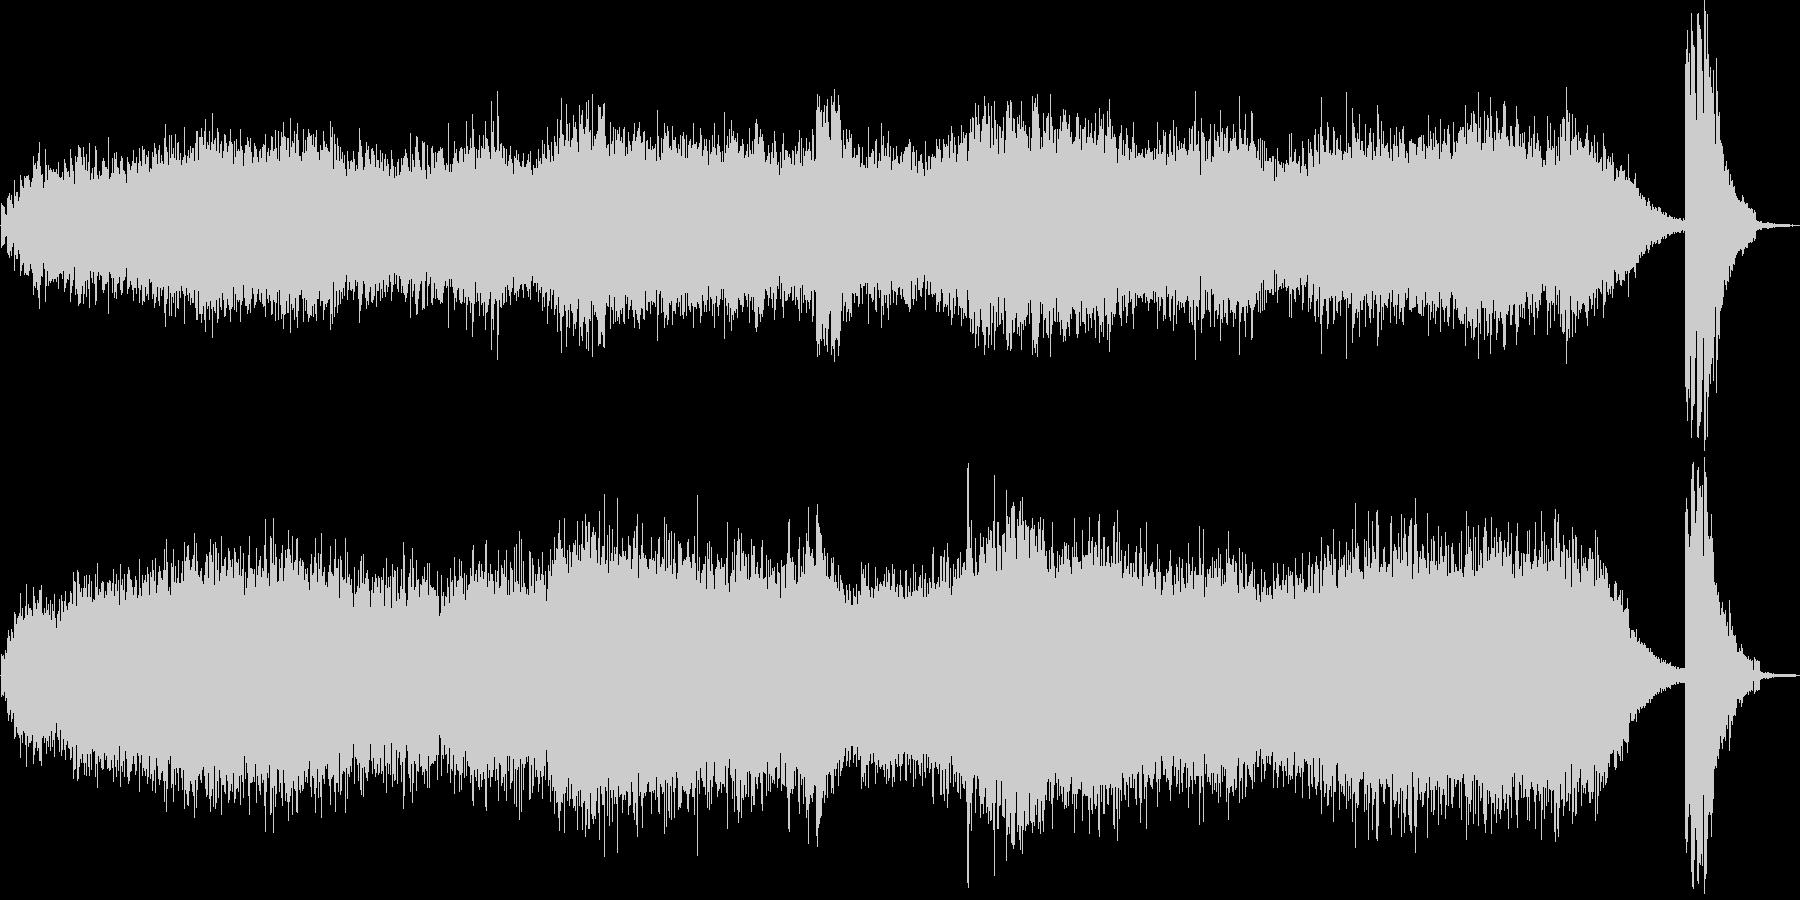 ノイズが入ったホラーな曲の未再生の波形